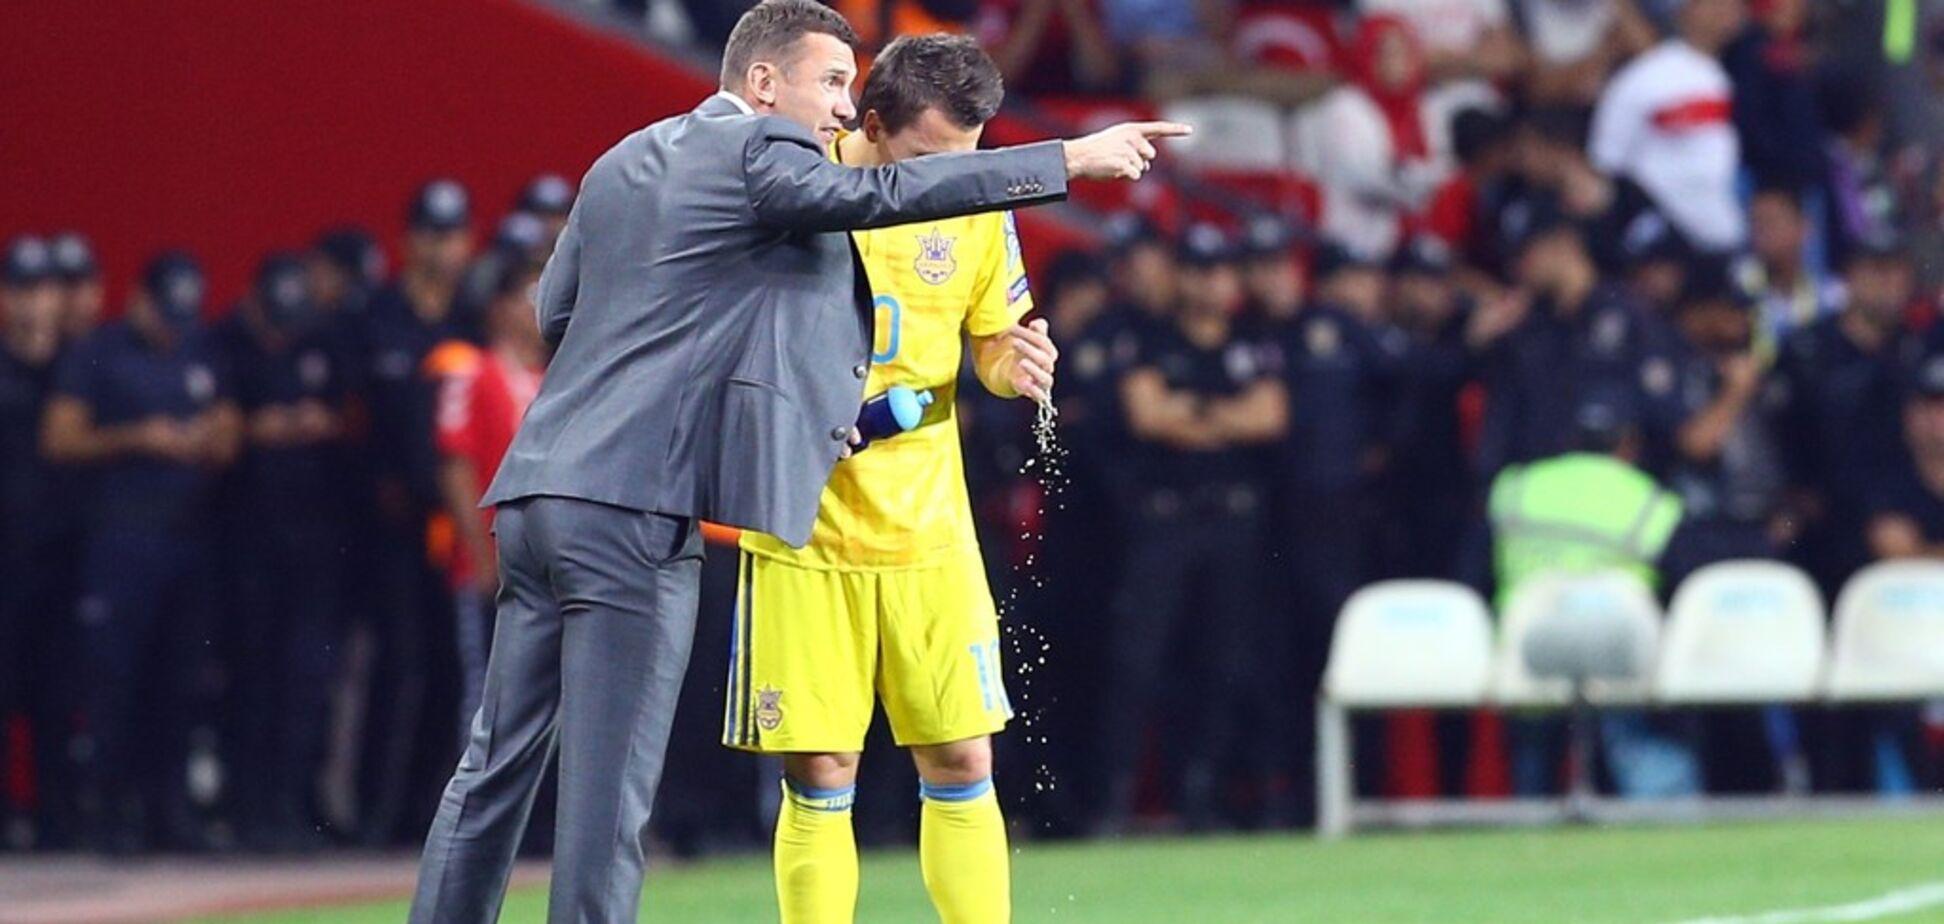 Прощався, різав, довіряв: як Шевченко змінив збірну України цієї осені